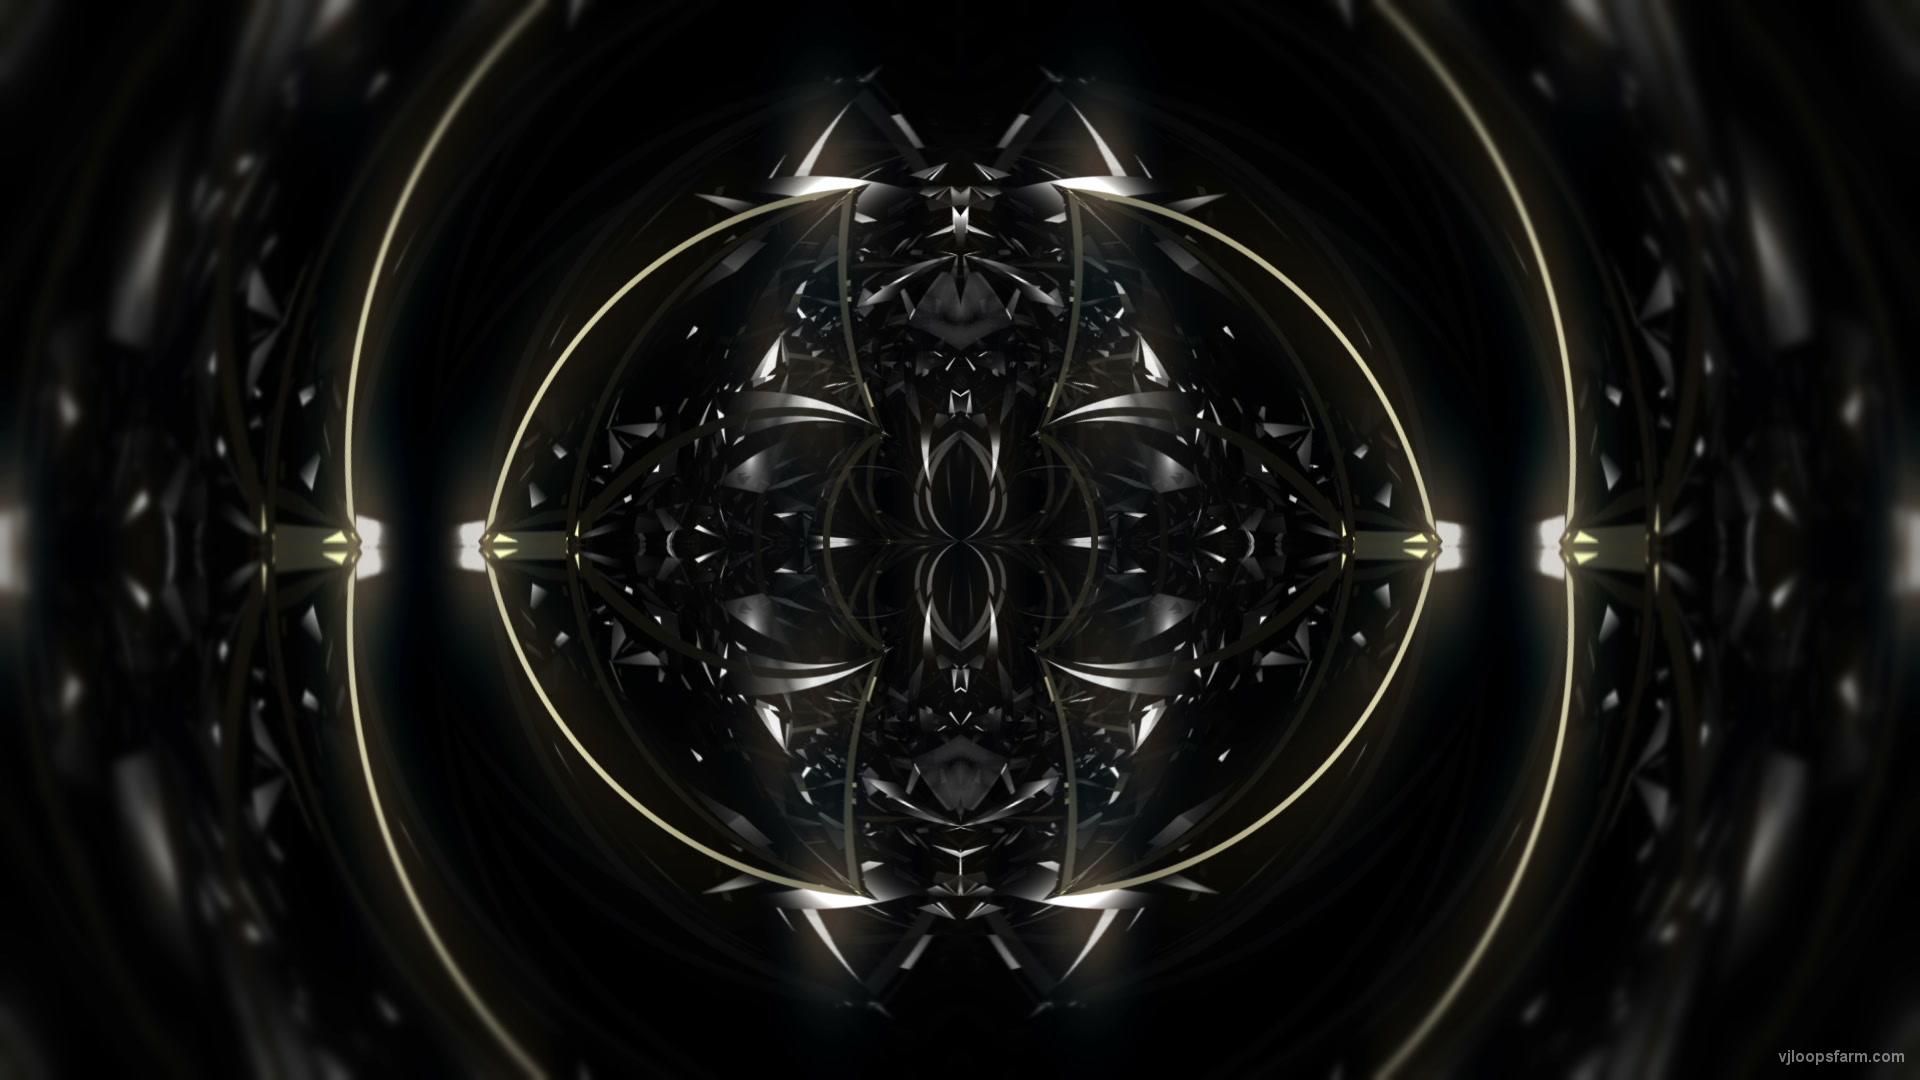 Black Glass Beat VJ Loop VJ Loop Download Full HD vj loop